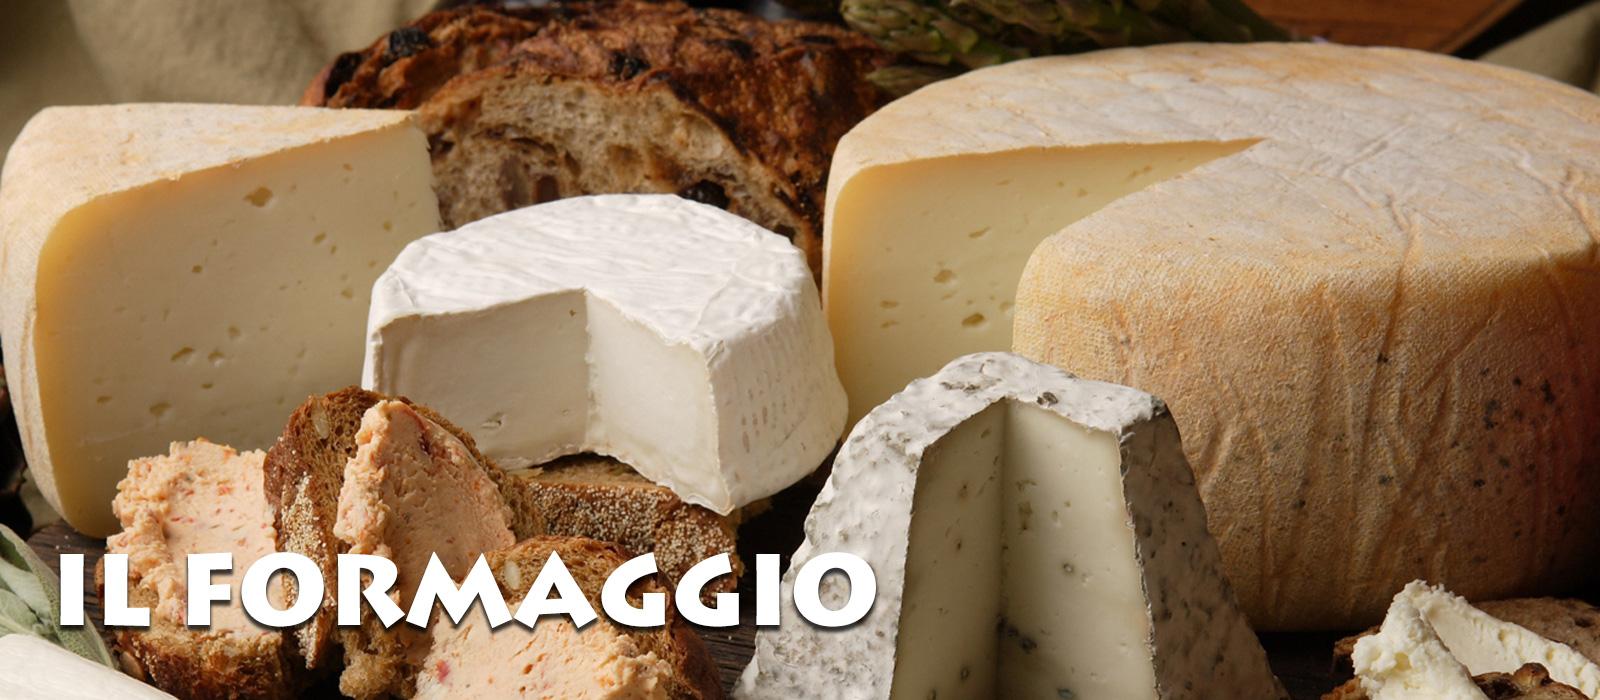 il-formaggio-1600x700